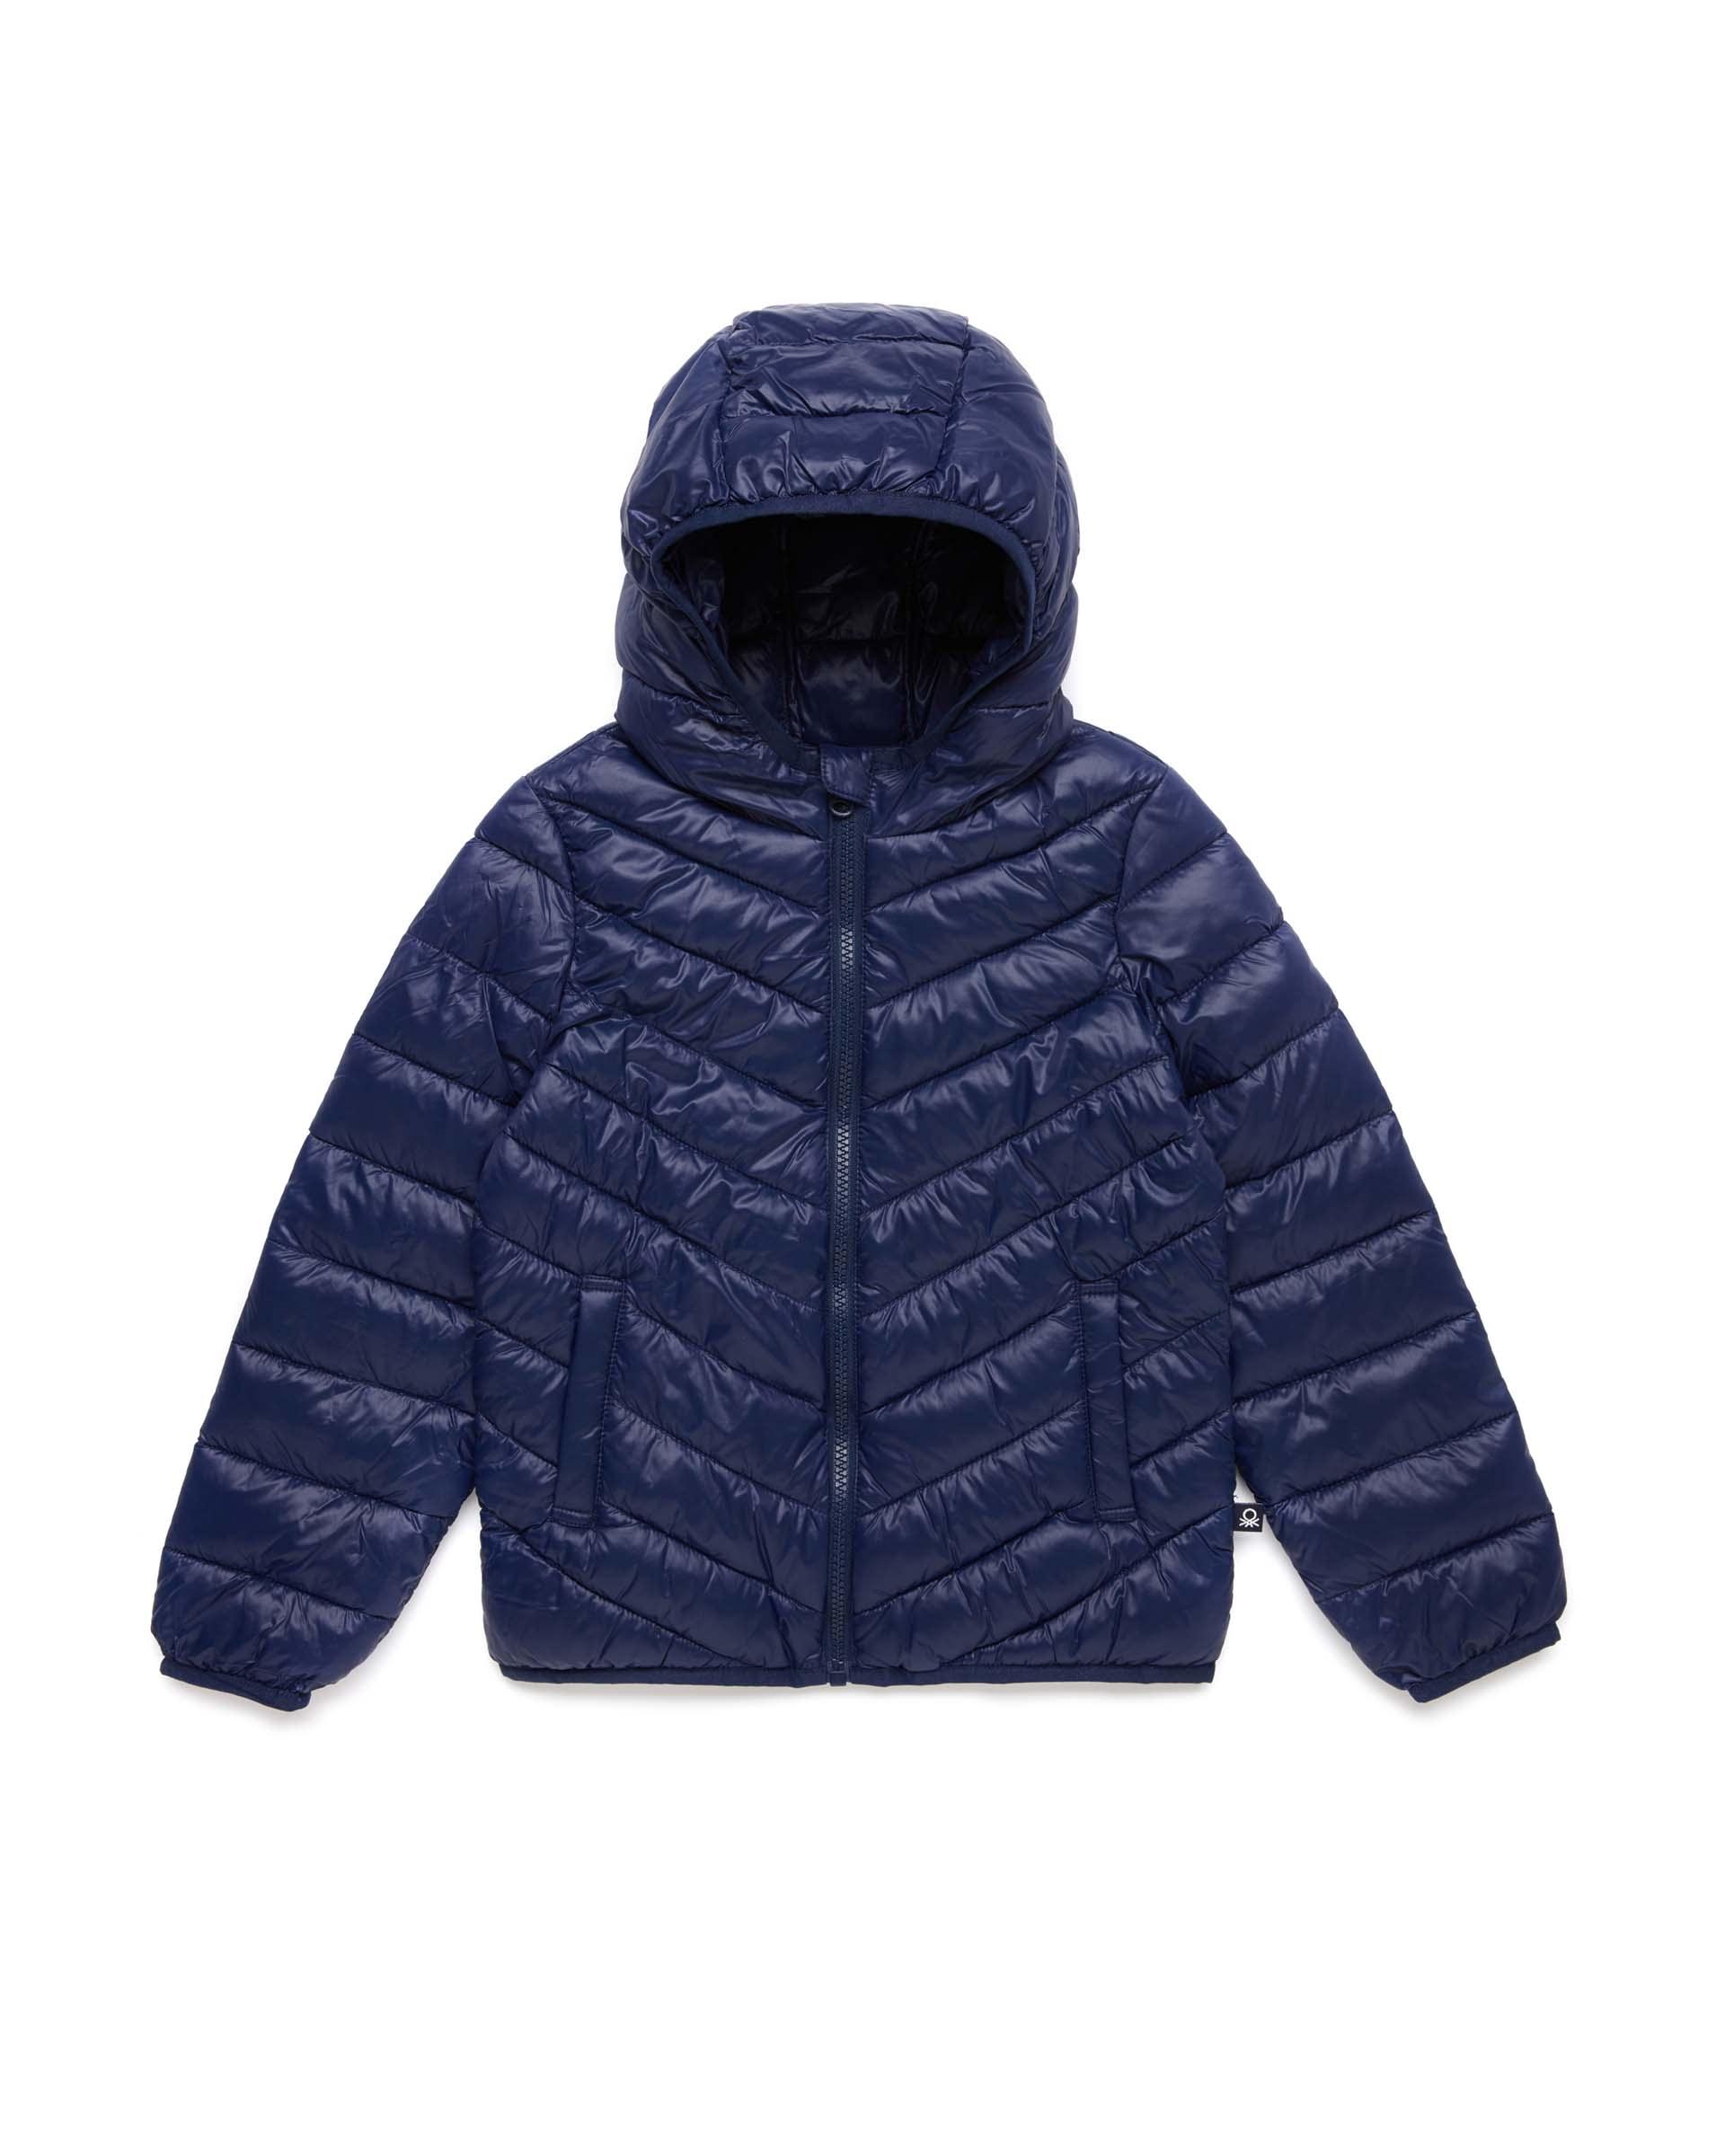 Купить 20P_2RQ453HQ0_252, Укороченная куртка для девочек Benetton 2RQ453HQ0_252 р-р 80, United Colors of Benetton, Куртки для девочек